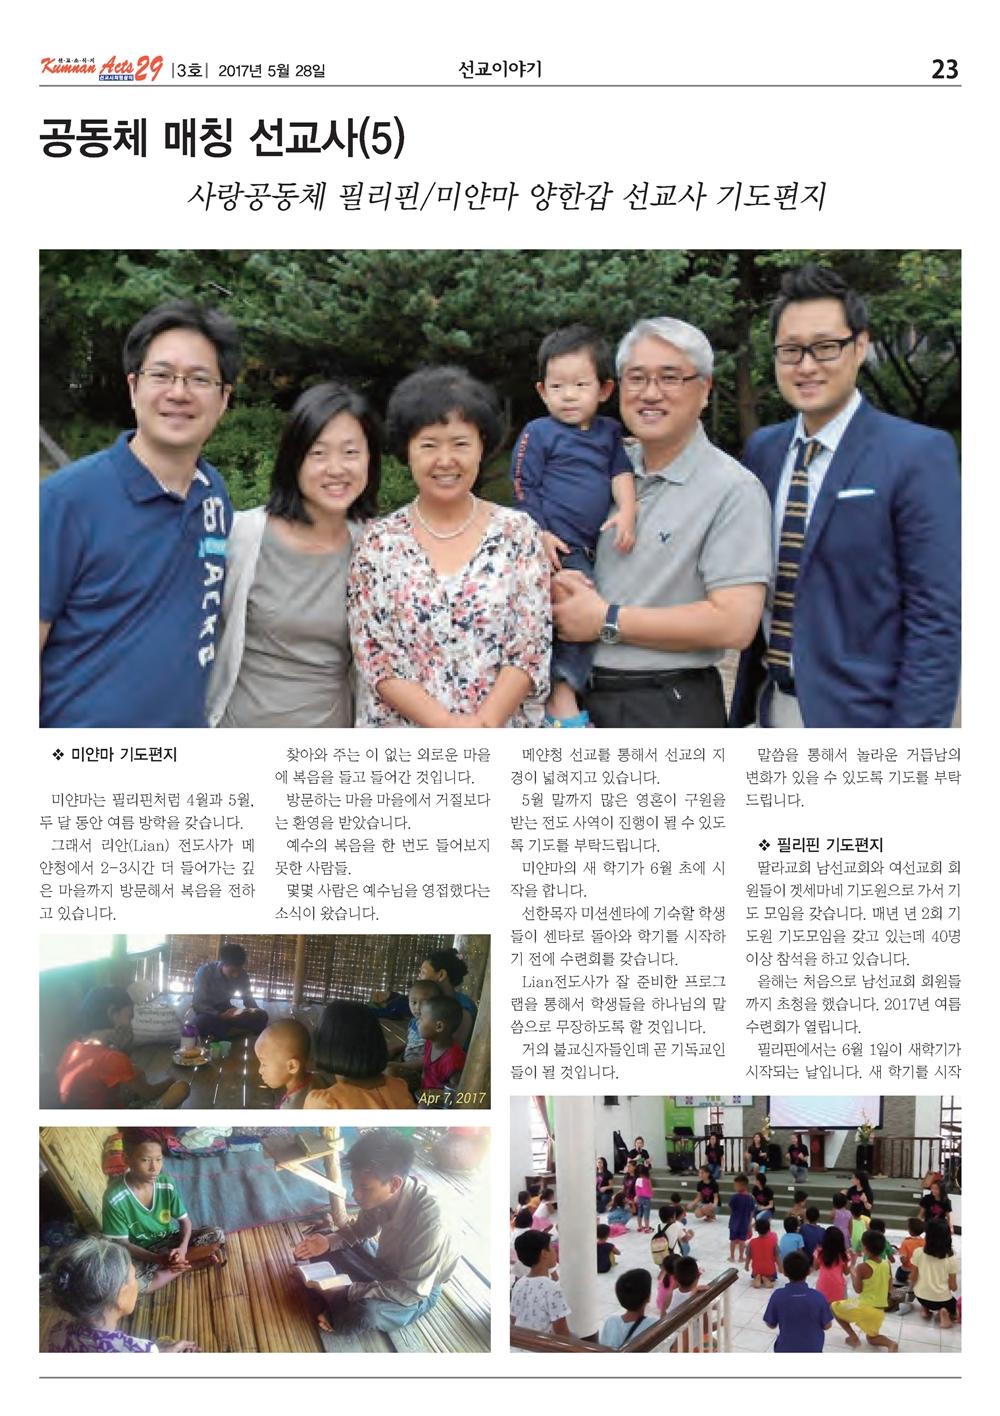 금란선교소식지 3월호_Page_23.jpg